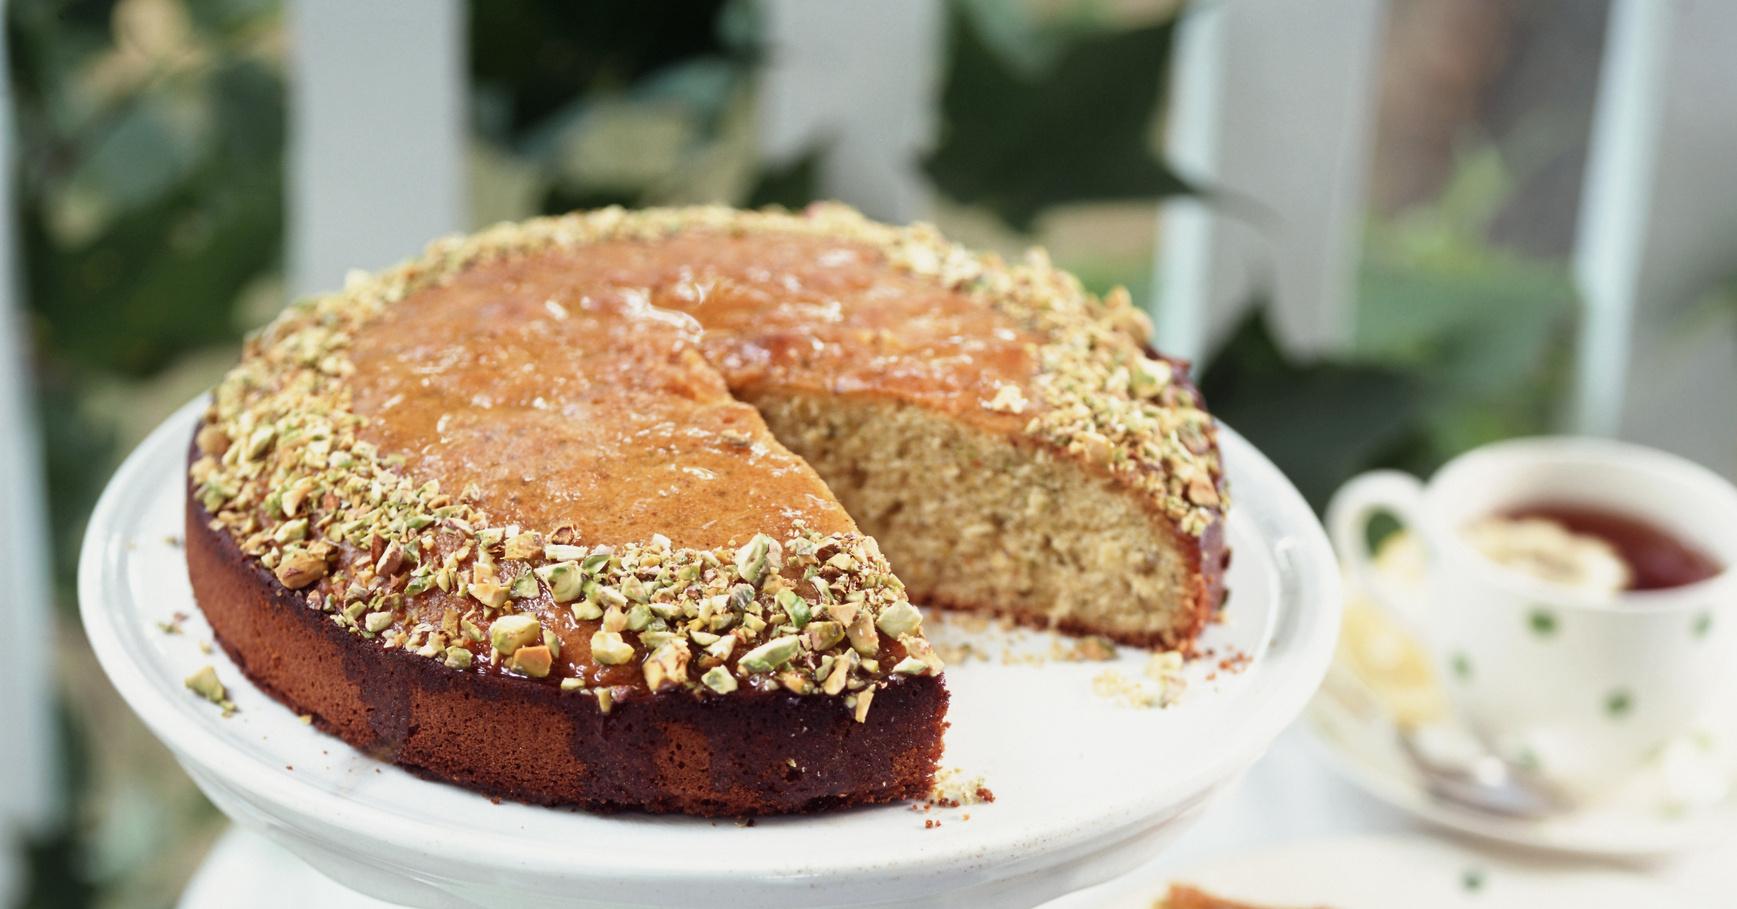 Медовый кекс рецепт с фото пошагово муку соединяем с солью, содой, перемешиваем.